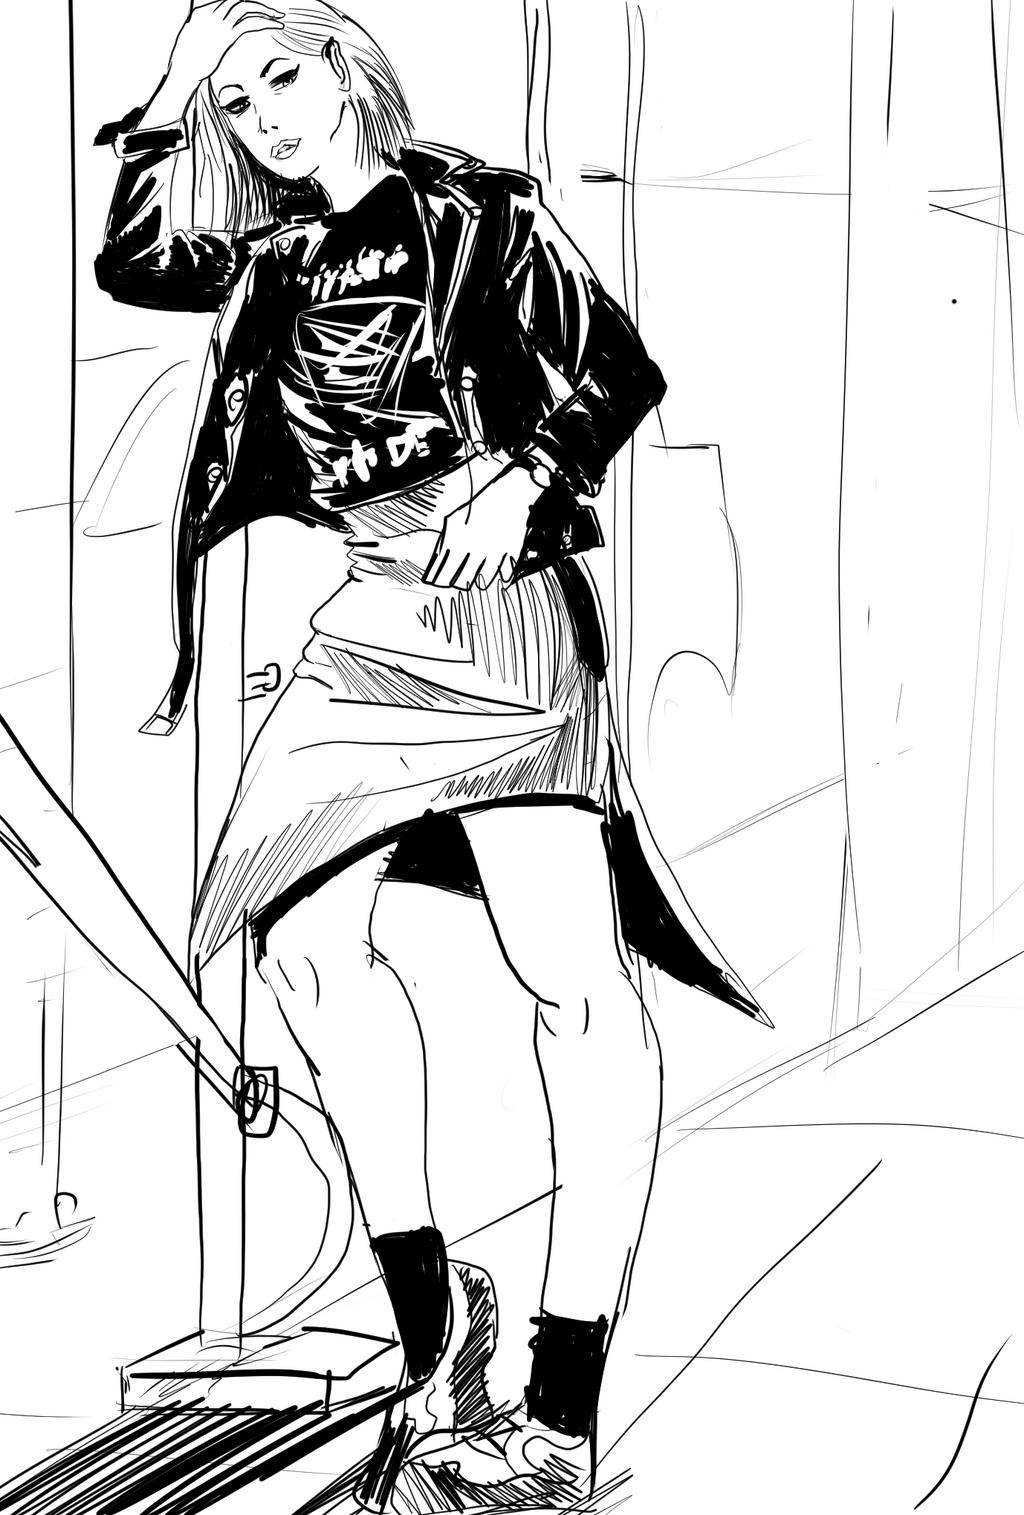 Sidewalk Punkstyle by ShadowClawZ